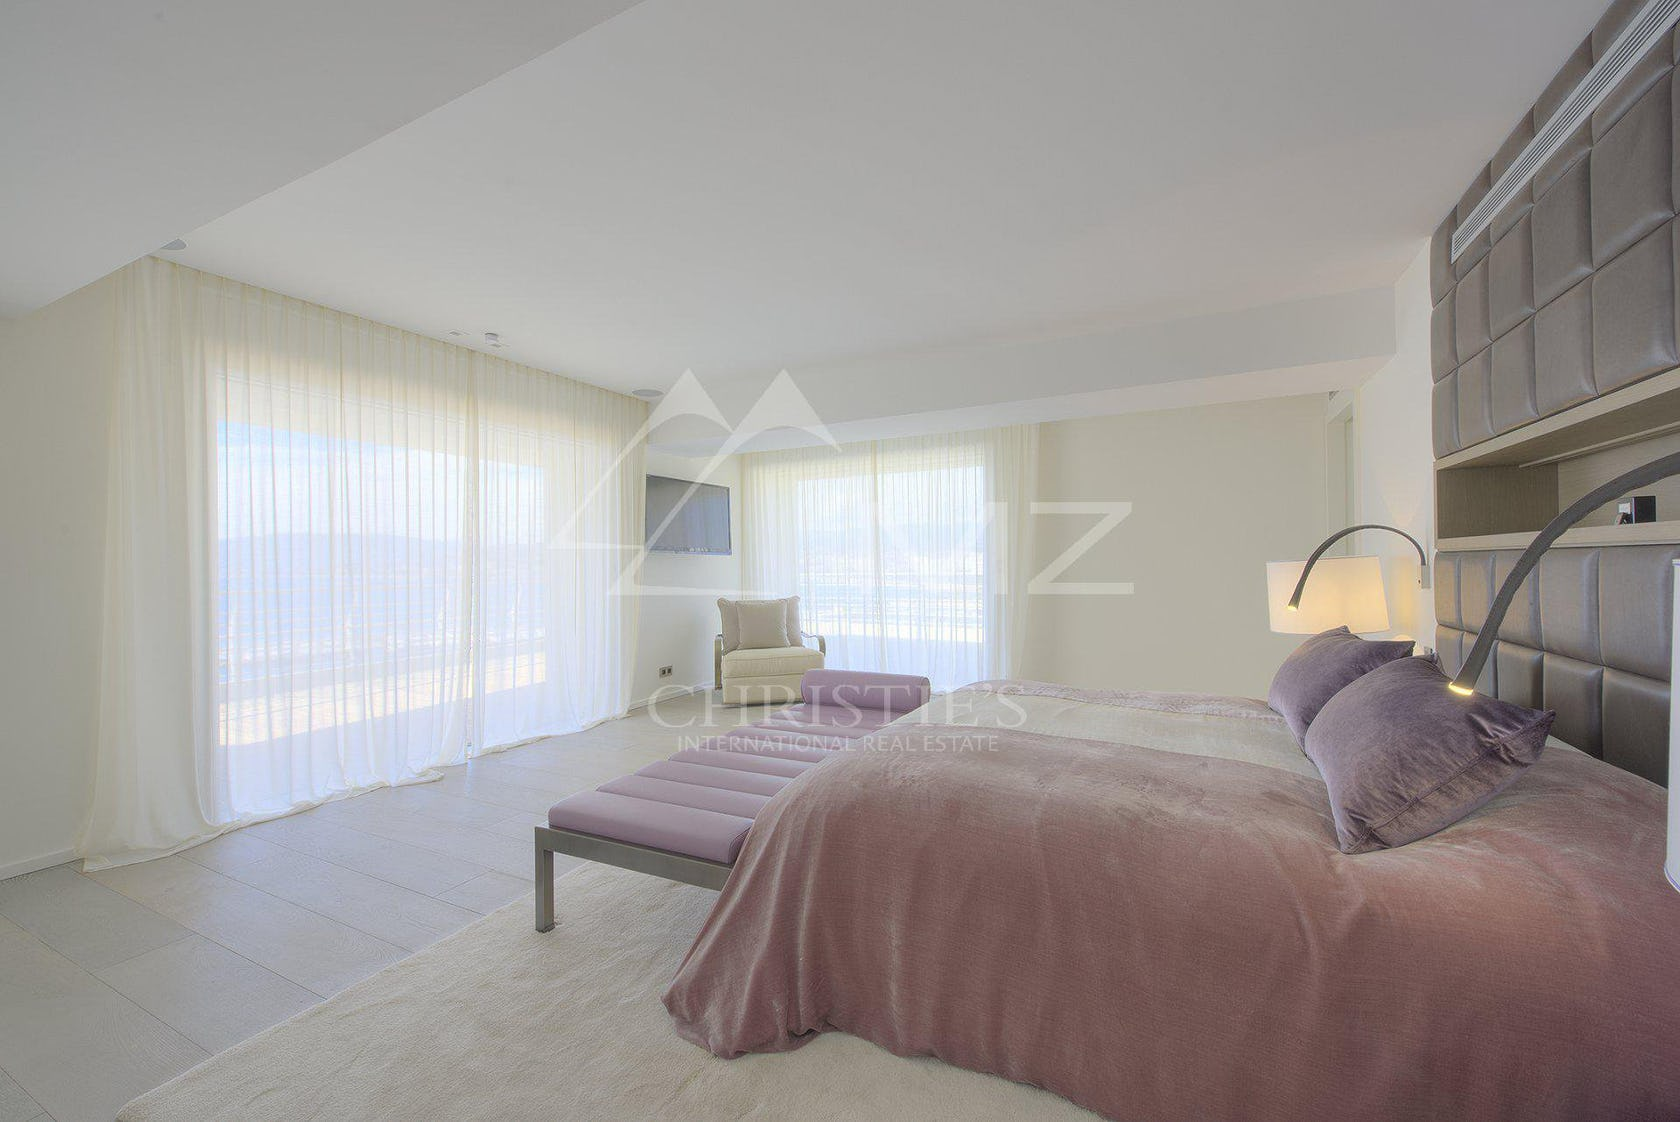 bedroom room indoors bed furniture dorm room